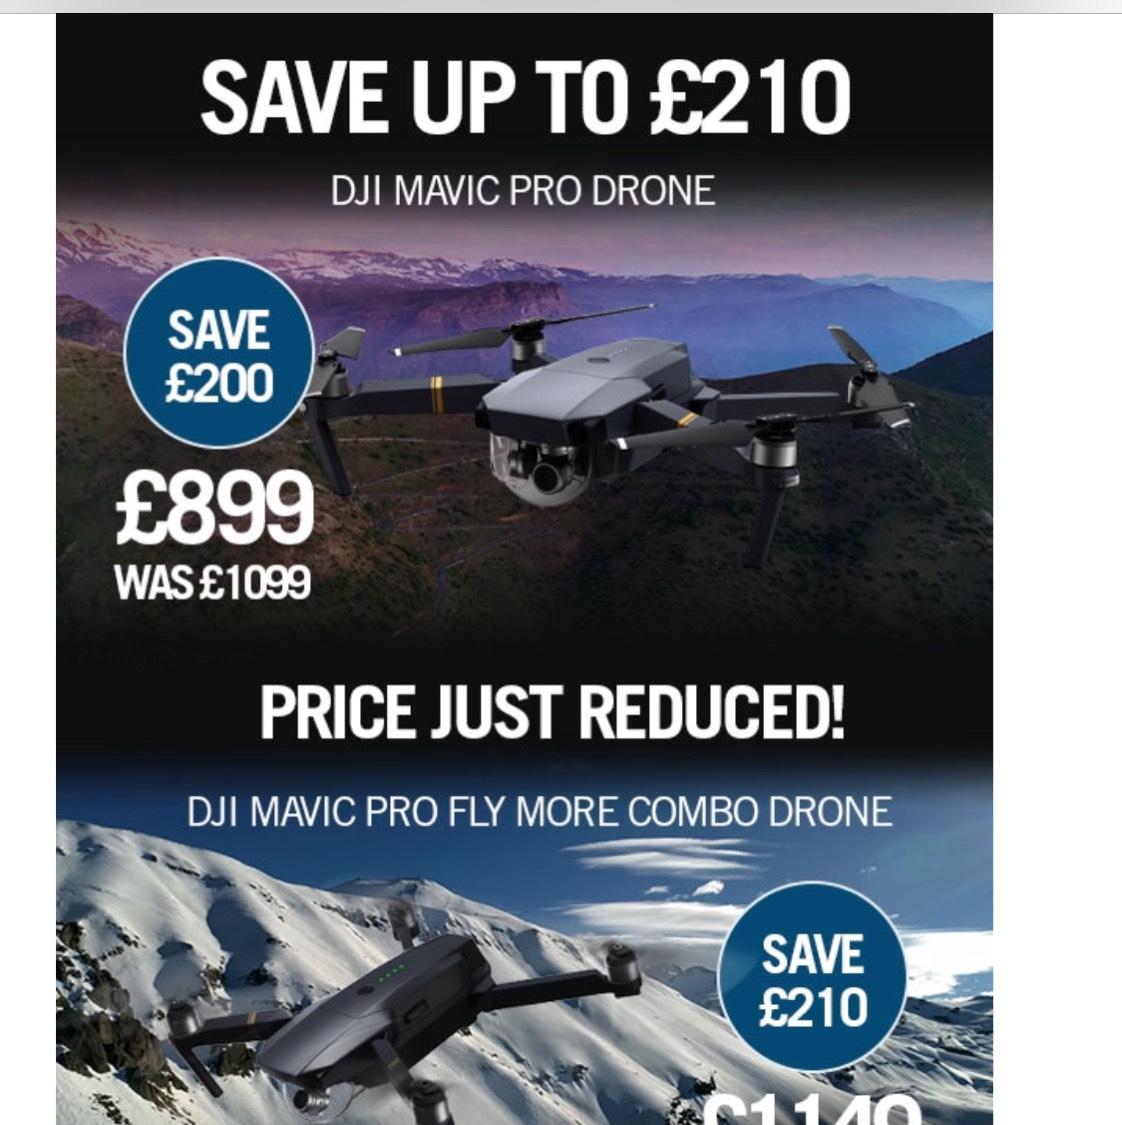 DJI Mavic Pro £200 off £899 @ Jessops